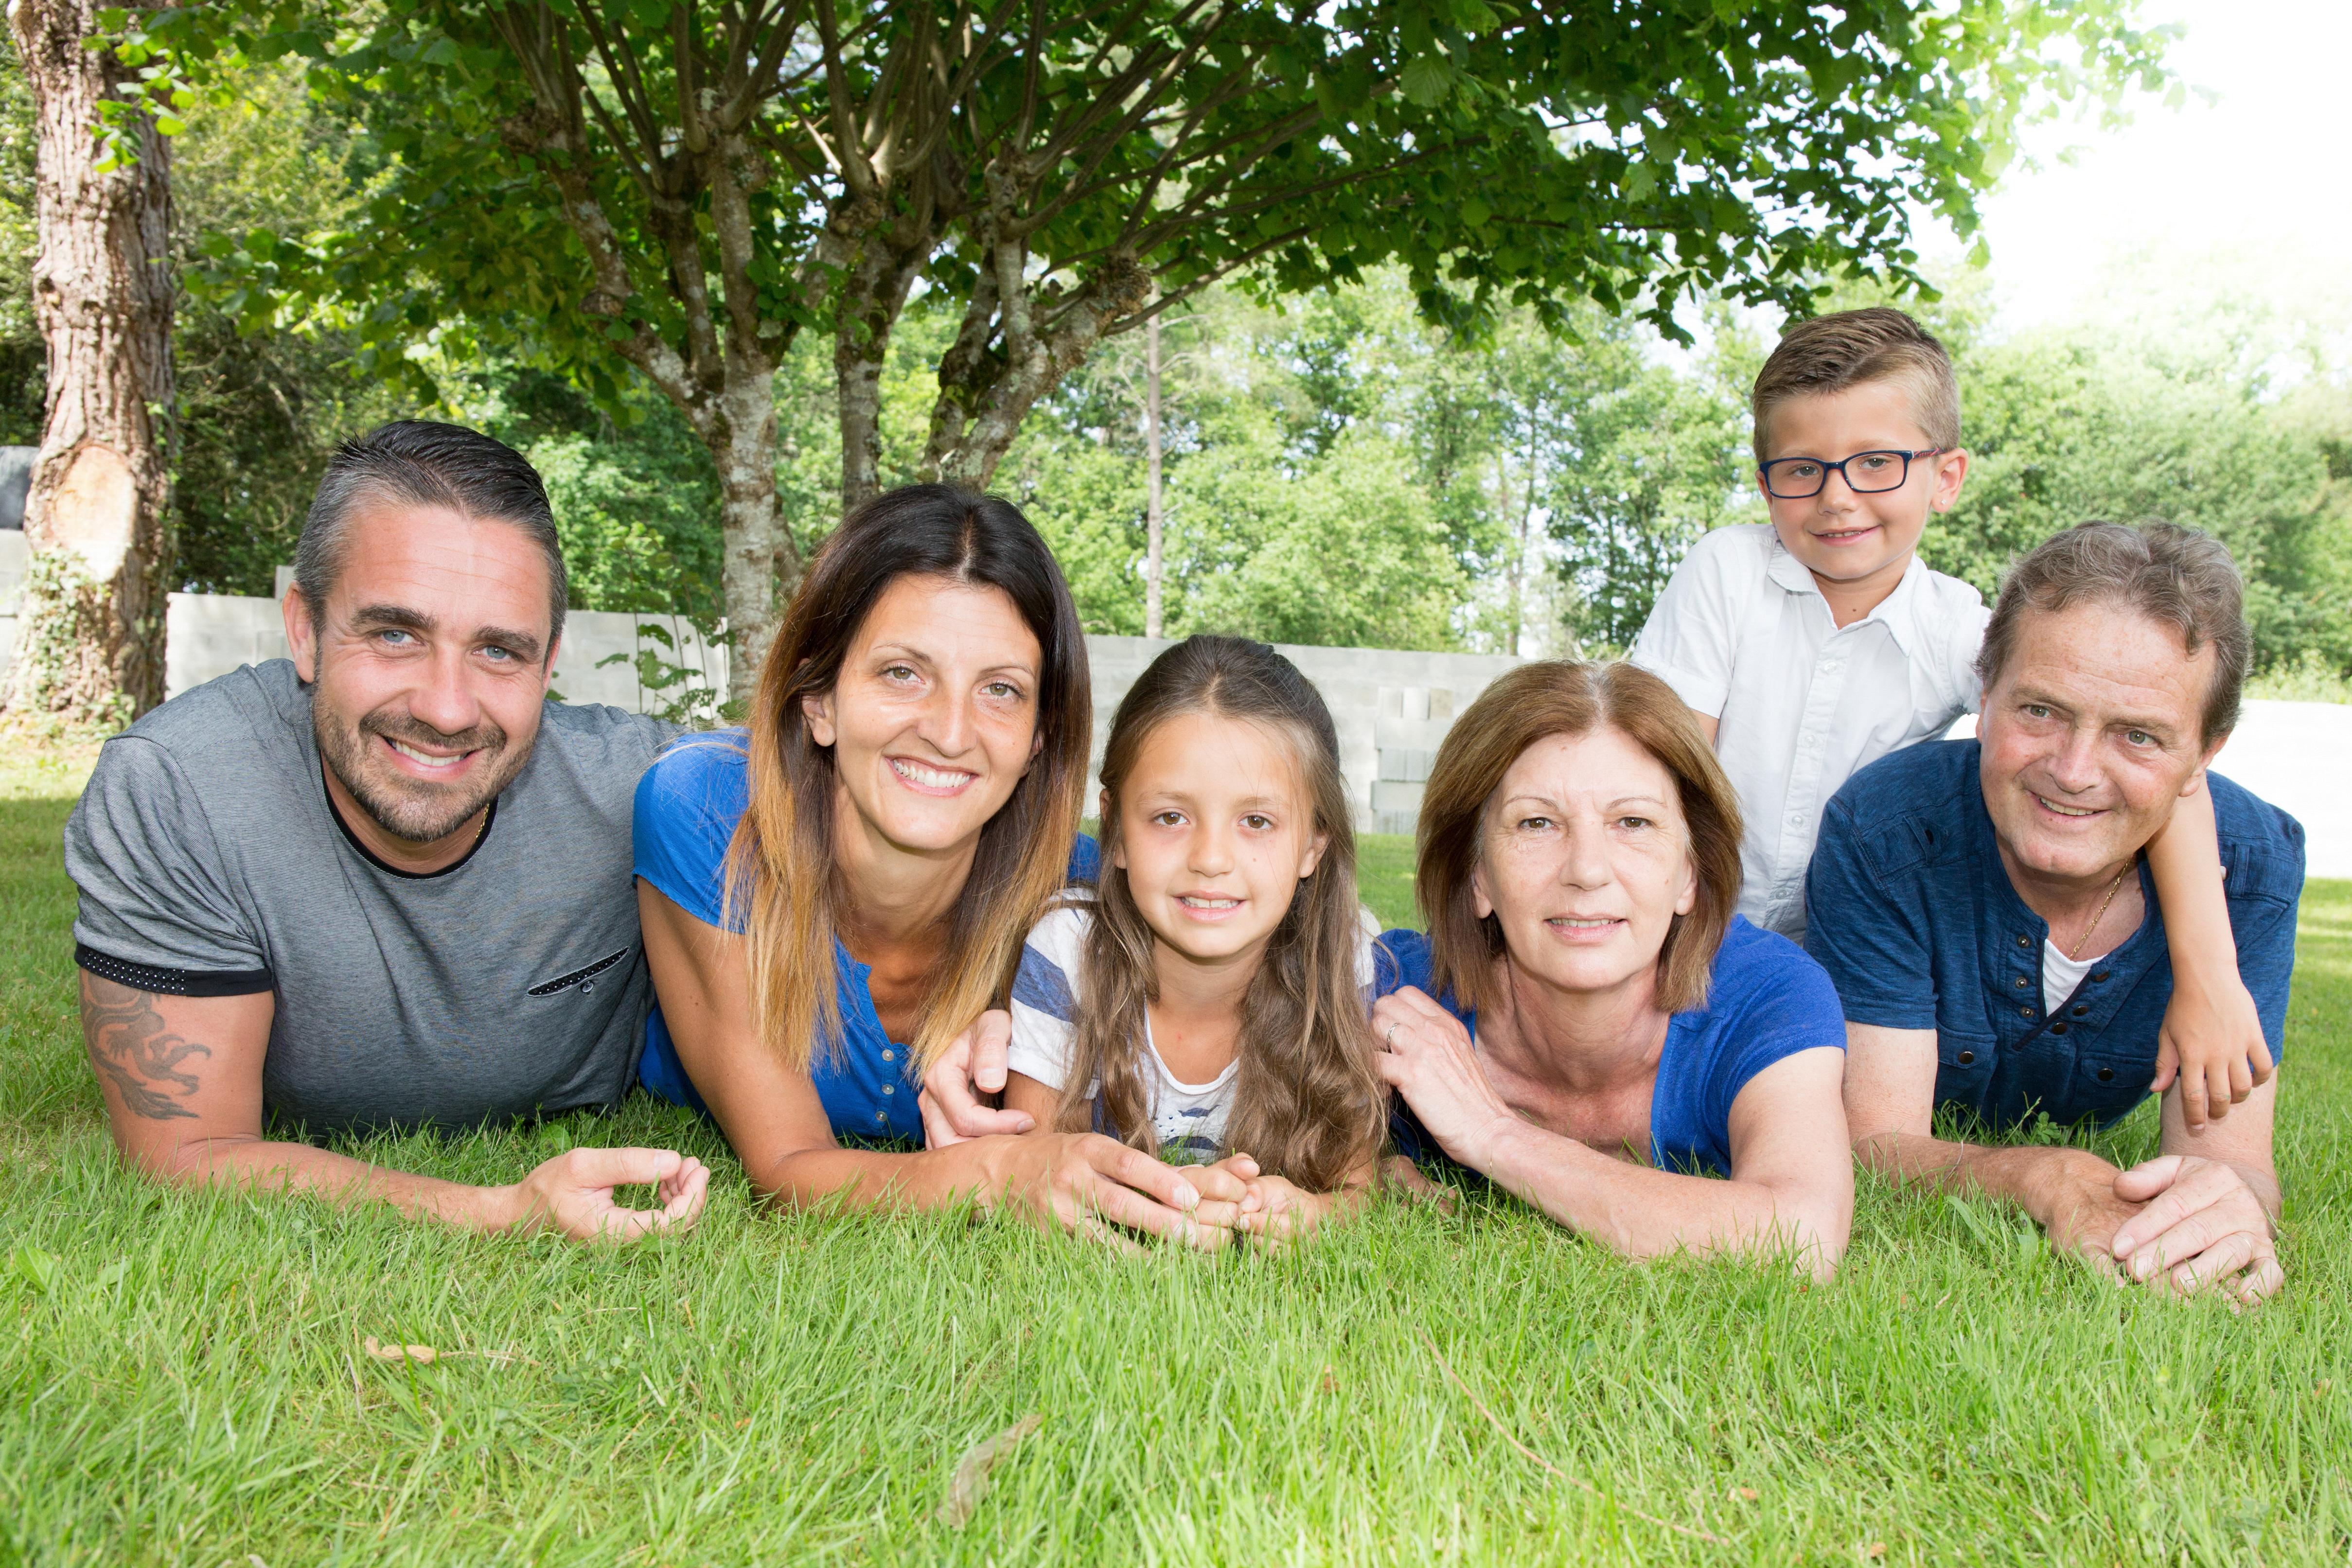 Воссоединение семьи как способ получить ПМЖ в Португалии